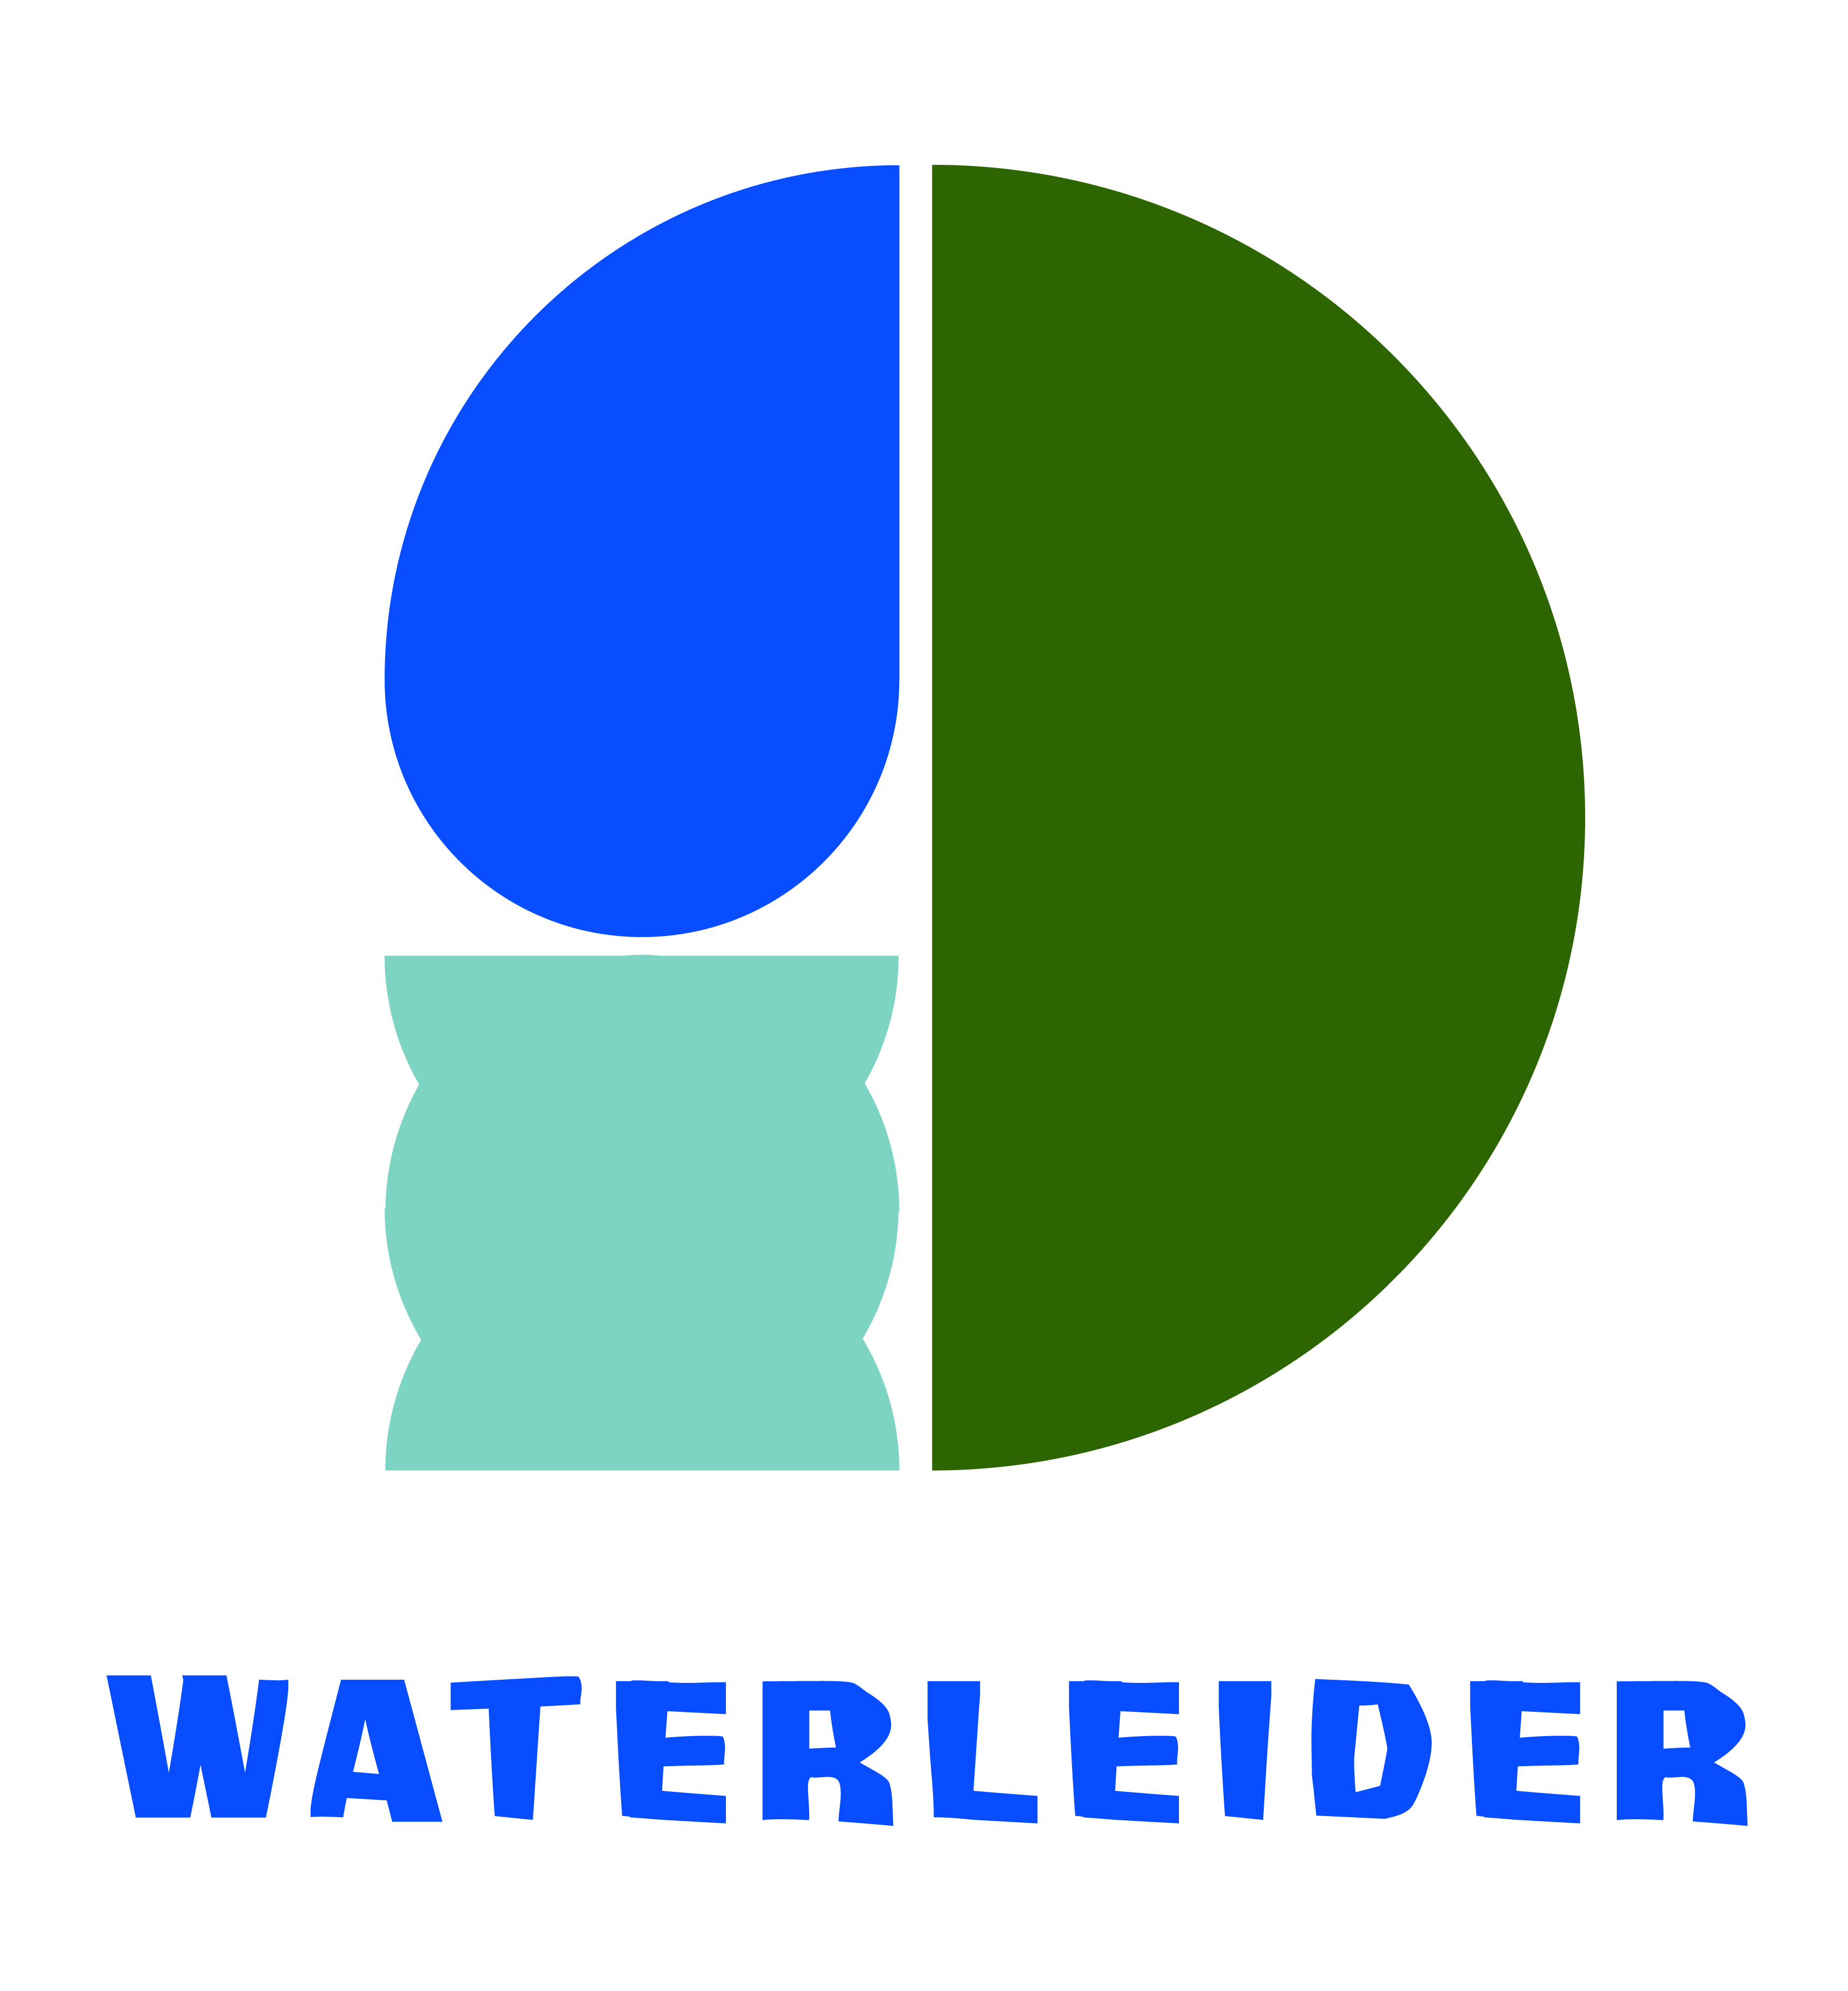 waterleider